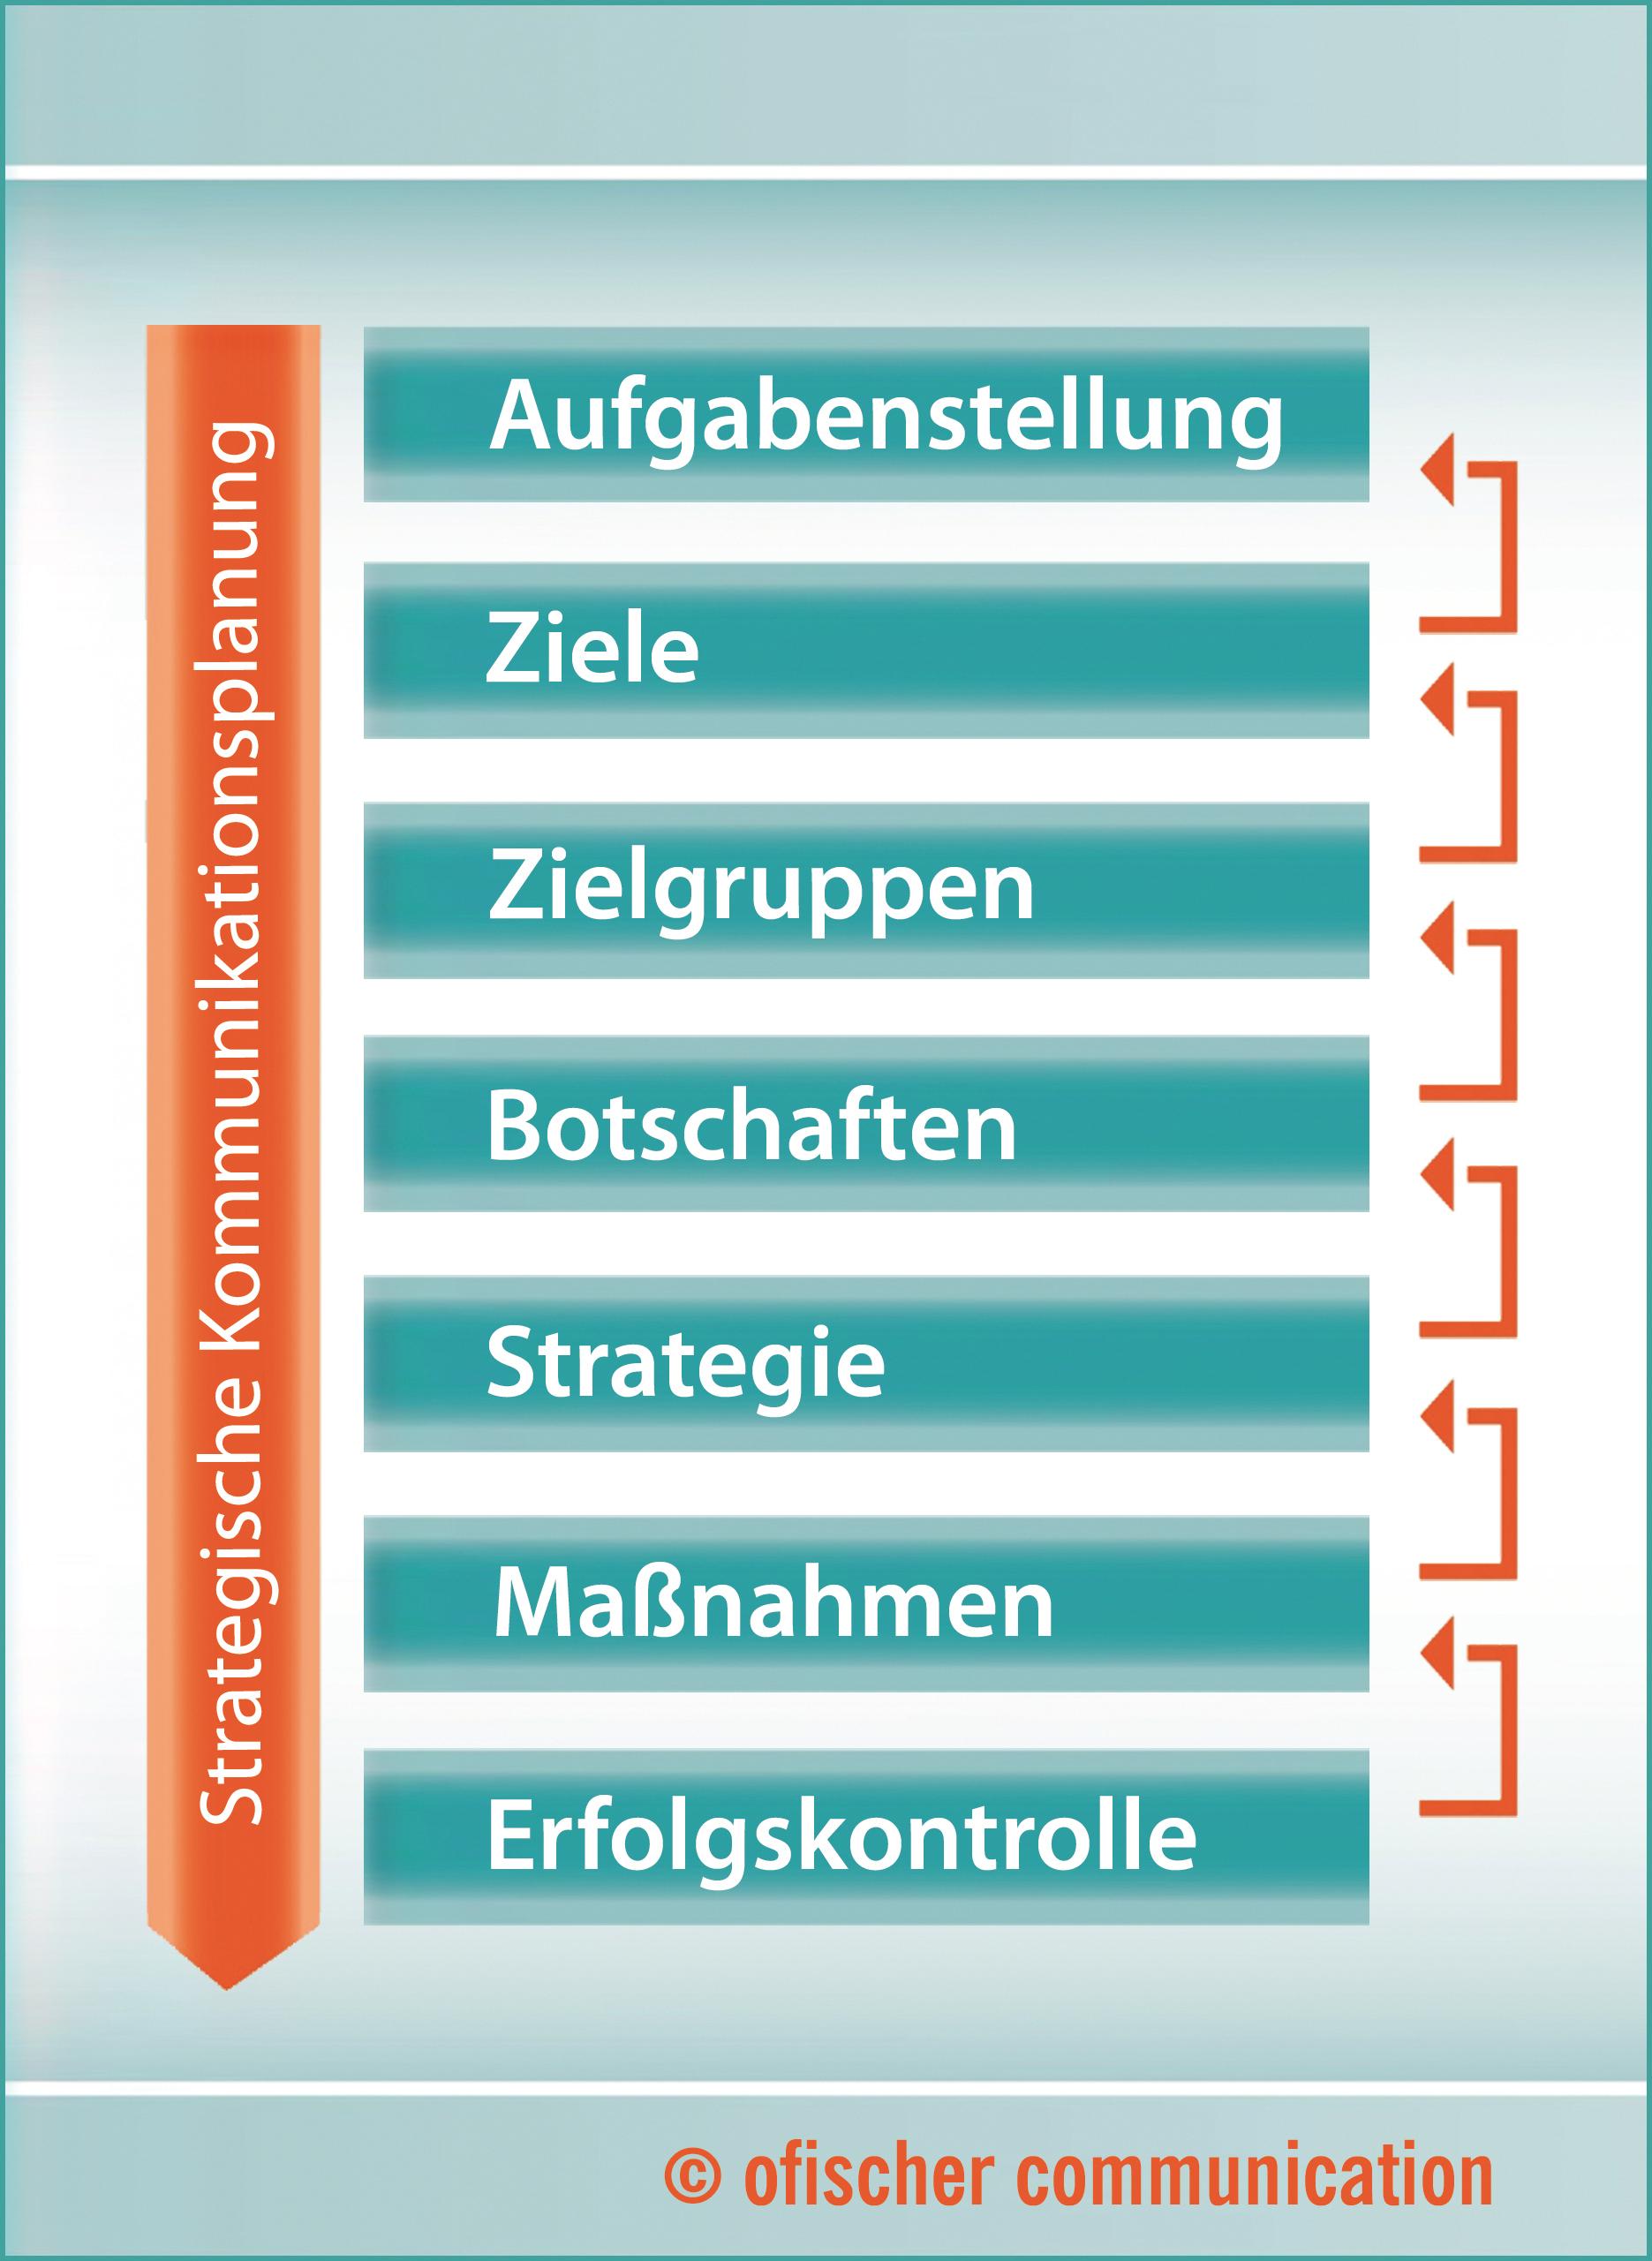 Der stringente Ablauf im Marketingplan entscheidet über eine erfolgreiche Kommunikationsstrategie.